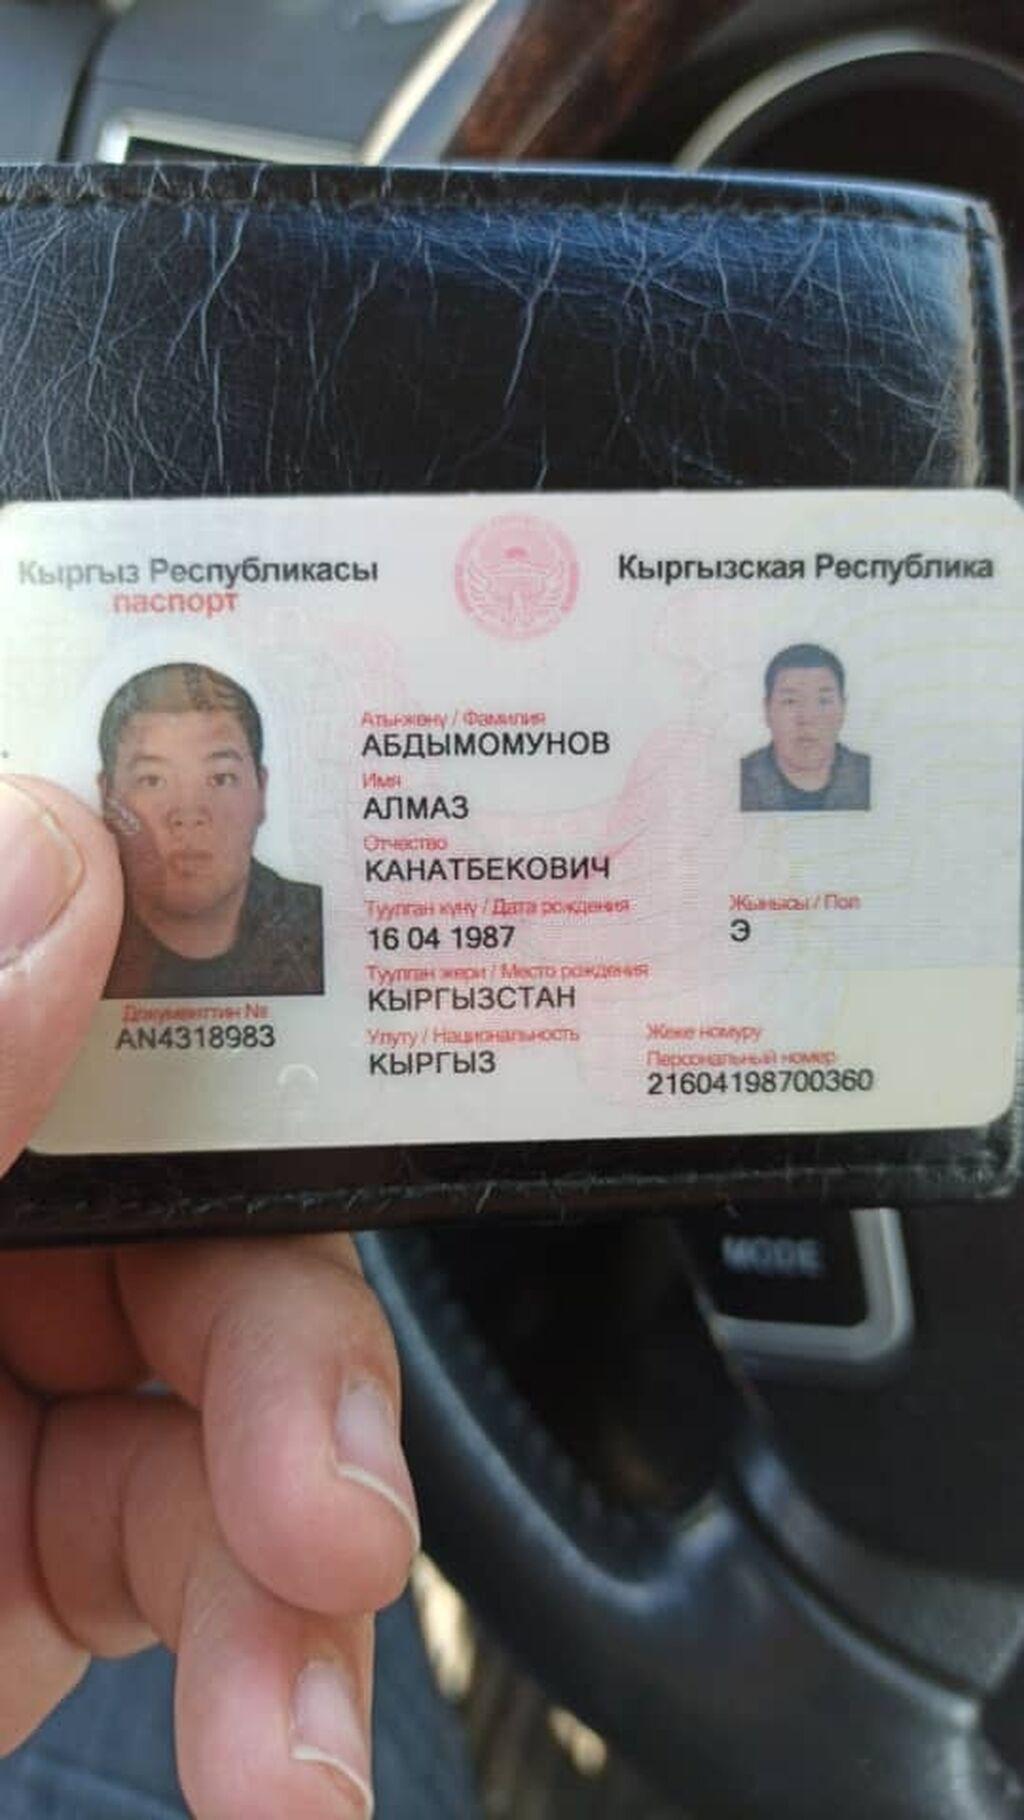 Потерял паспорт и водительское удостоверение.просьба вернуть за   Объявление создано 14 Октябрь 2021 06:43:13   БЮРО НАХОДОК: Потерял паспорт и водительское удостоверение.просьба вернуть за